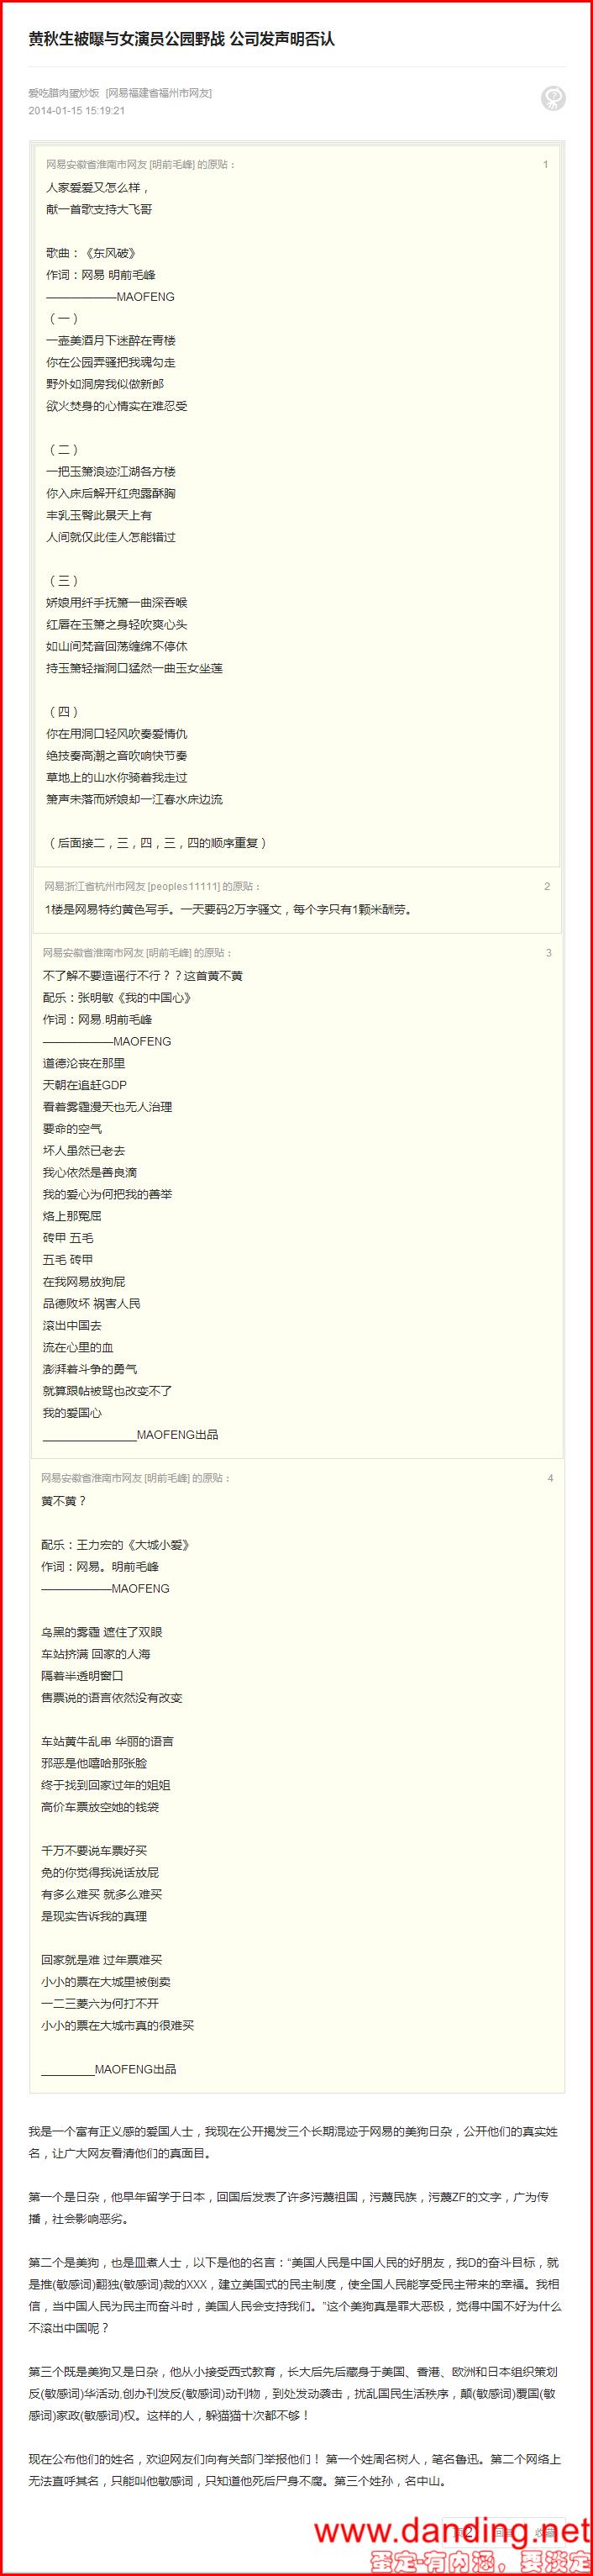 黄秋生被曝与女演员公园野战 公司发声明否认